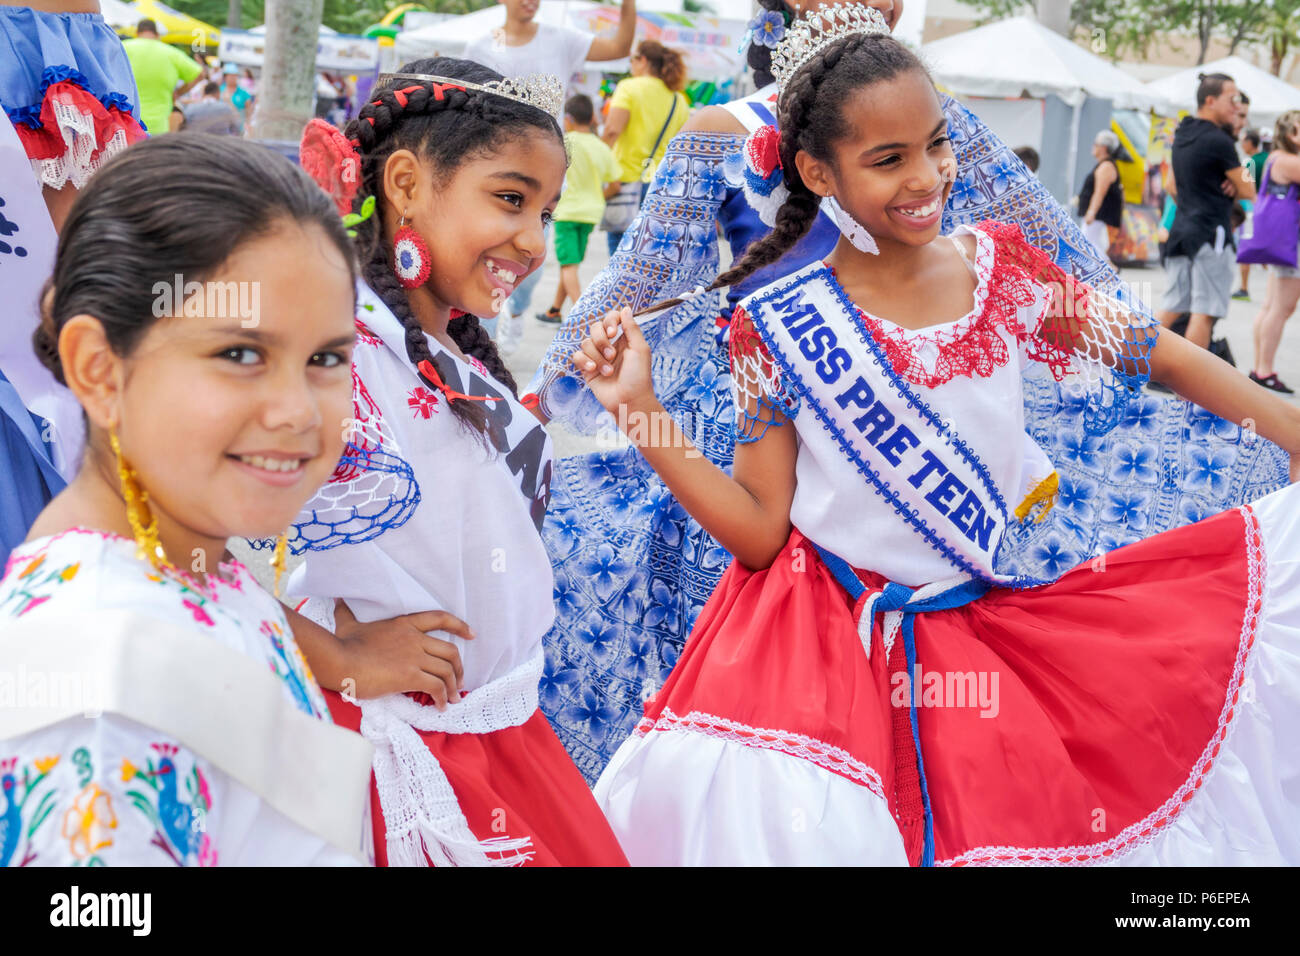 Miami Miami Florida-Dade Expo Center centre Fairgrounds Tamiami Park Junta Hispana Hispanic Festival Latin American event girl teen tween pre-teen bea - Stock Image